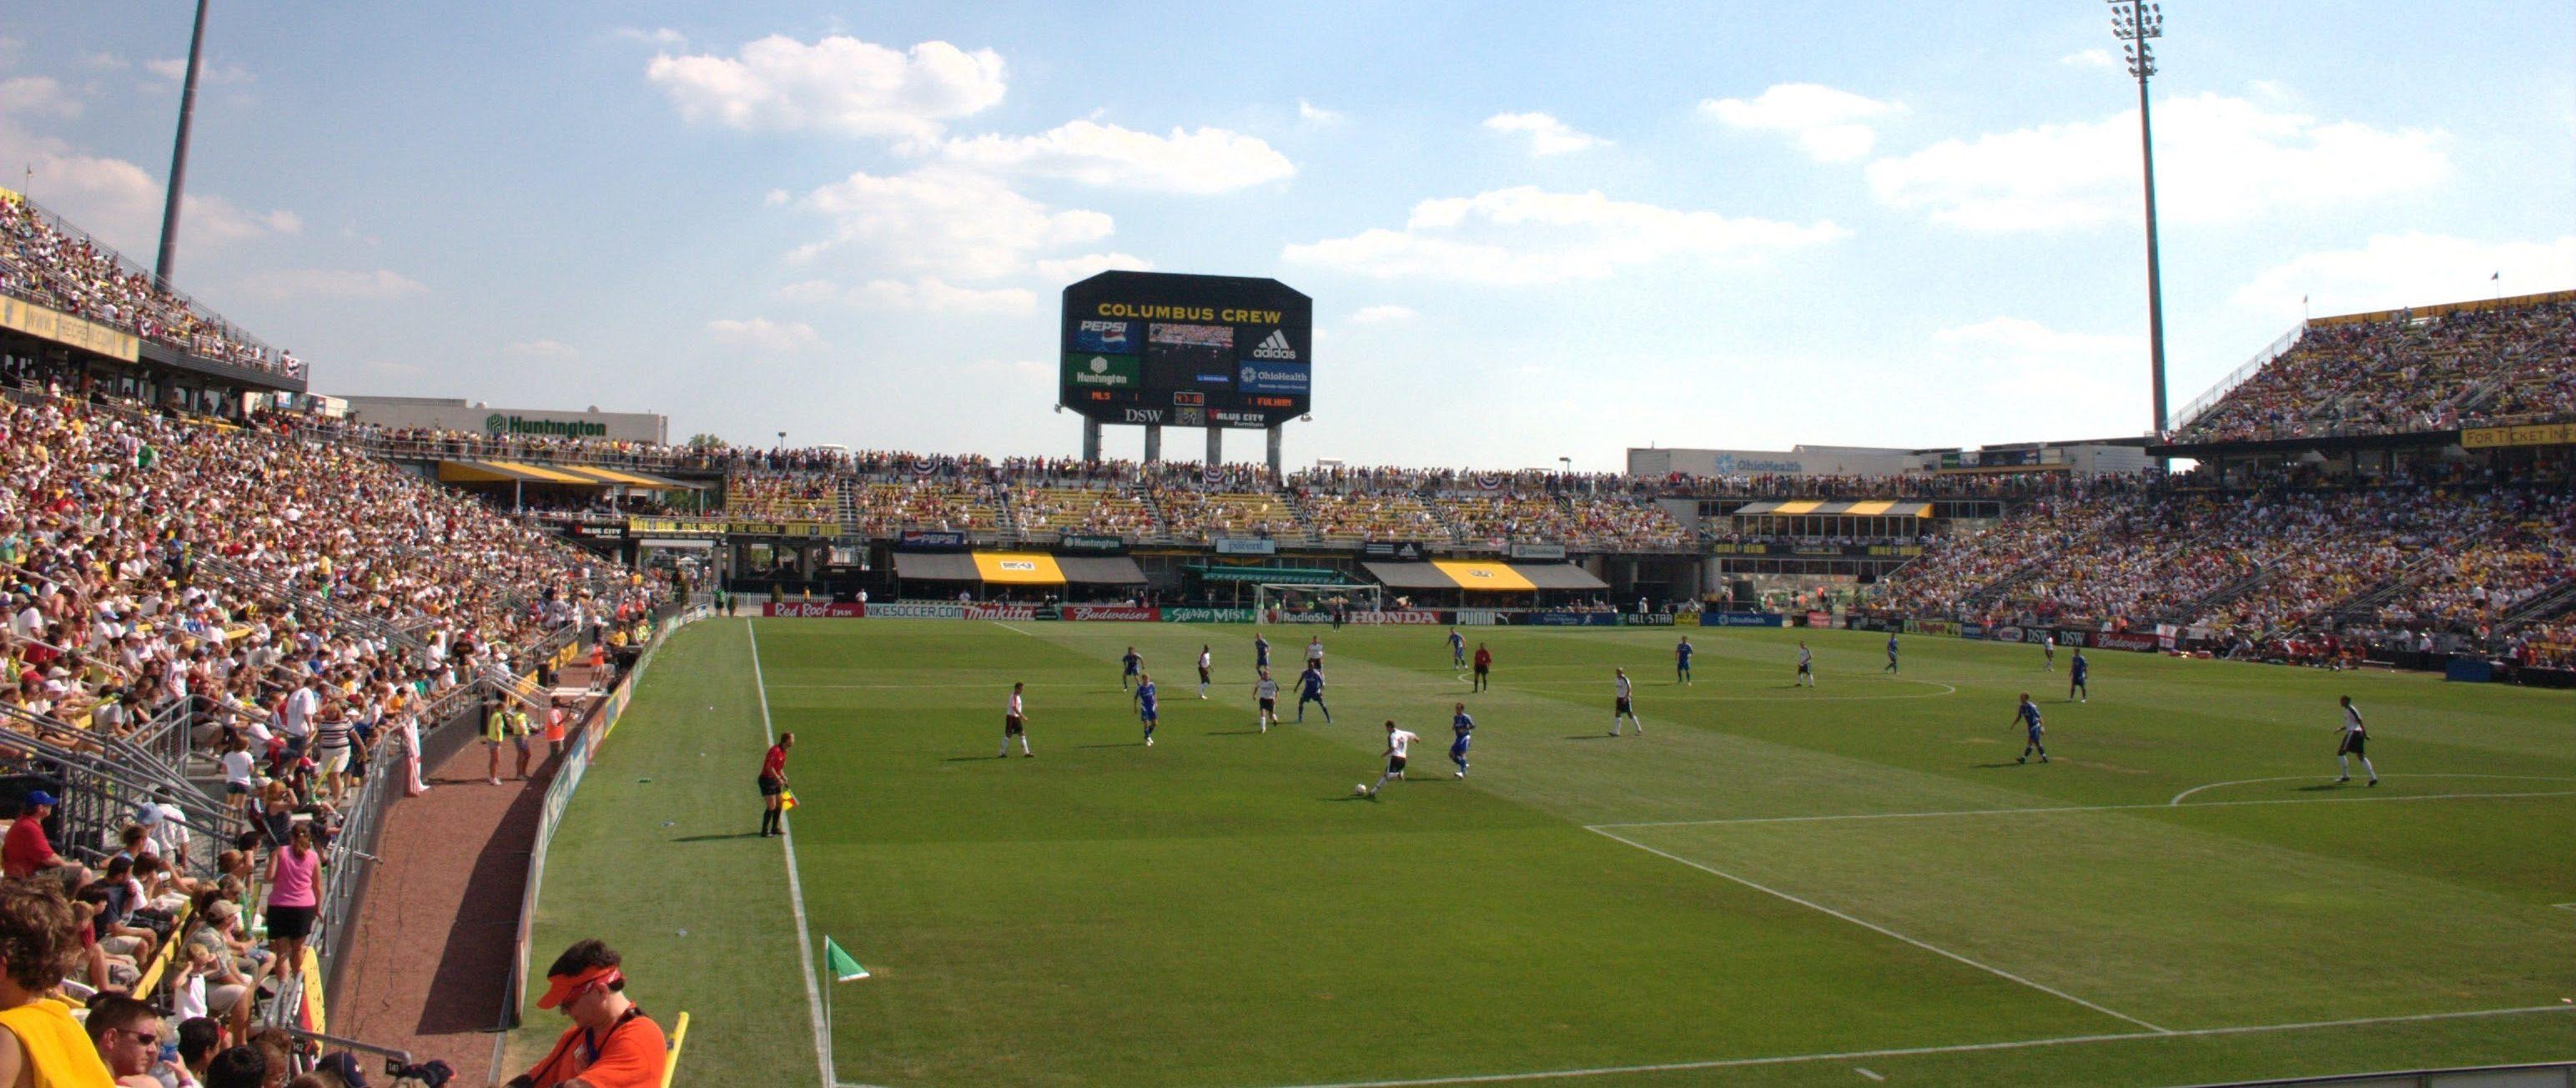 Columbus Crew Stadion im Jahre 2005